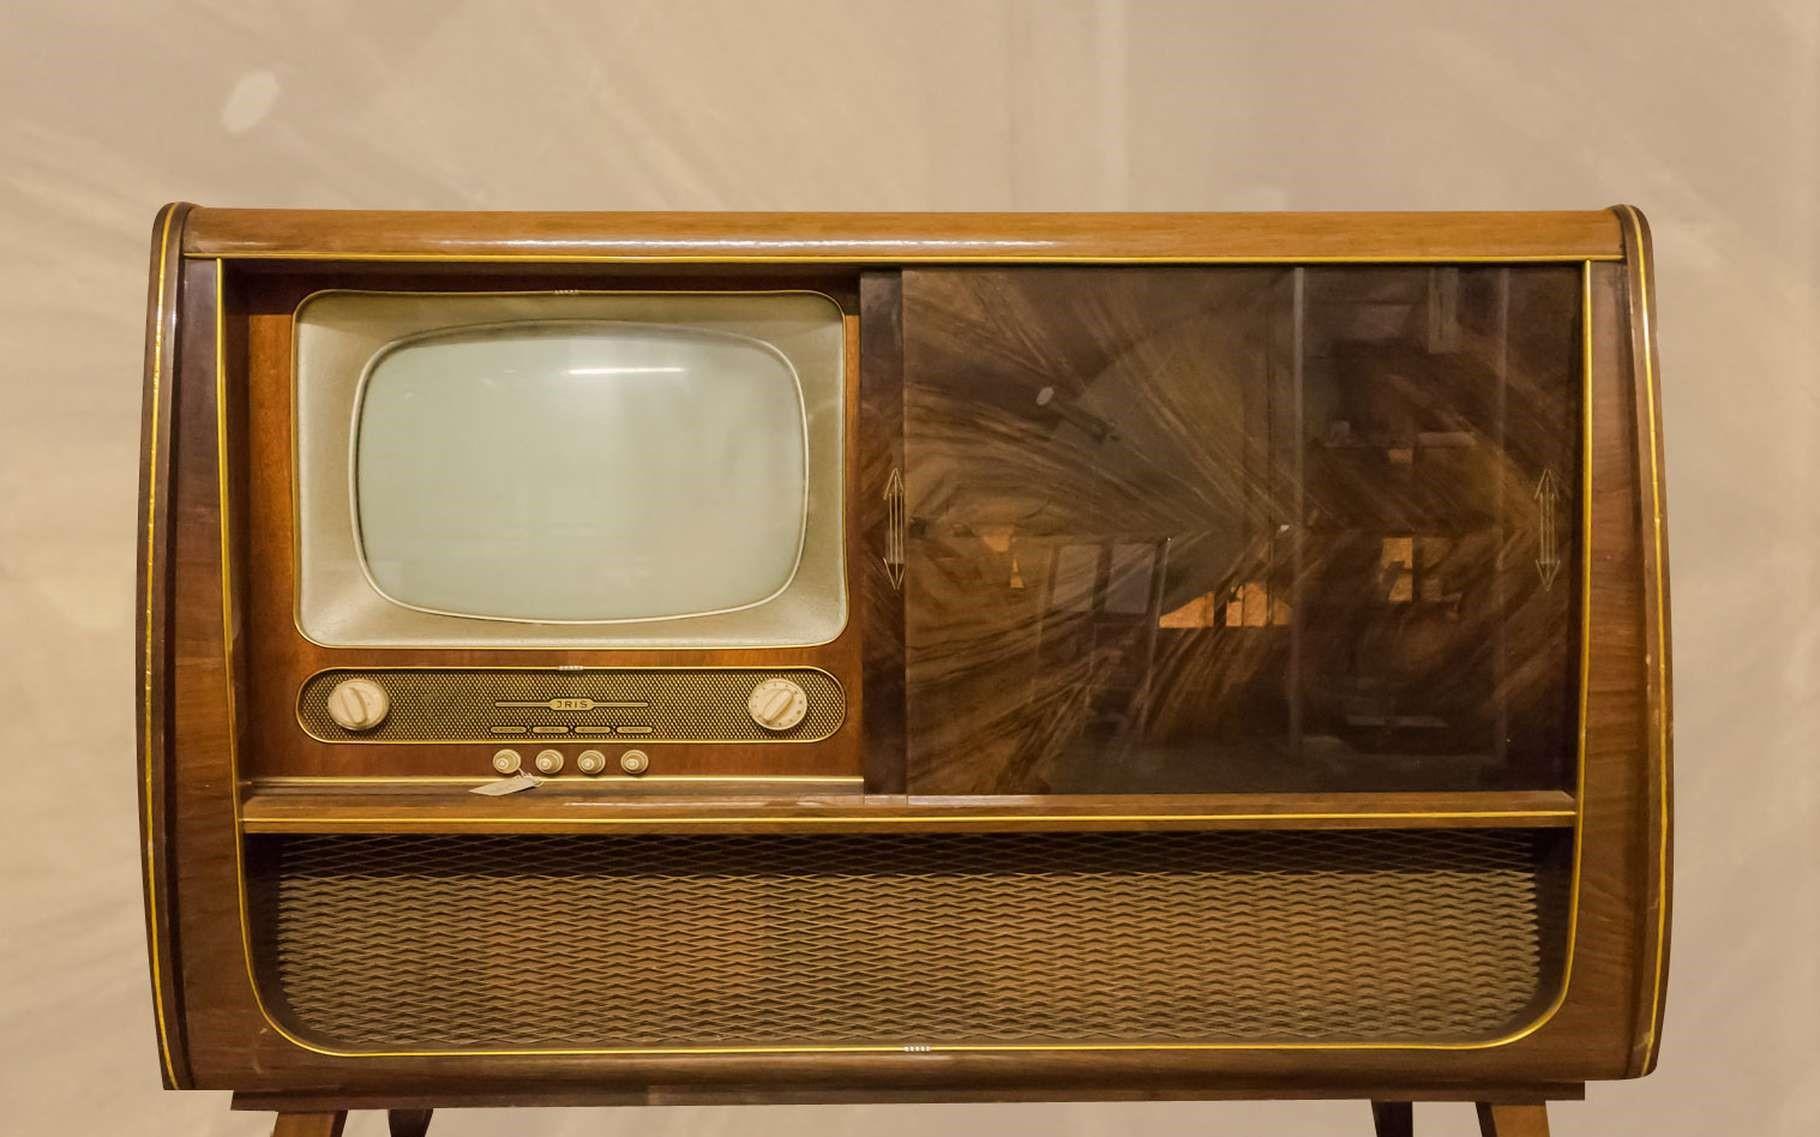 La télévision fait sa révolution : l'avènement de la publicité segmentée